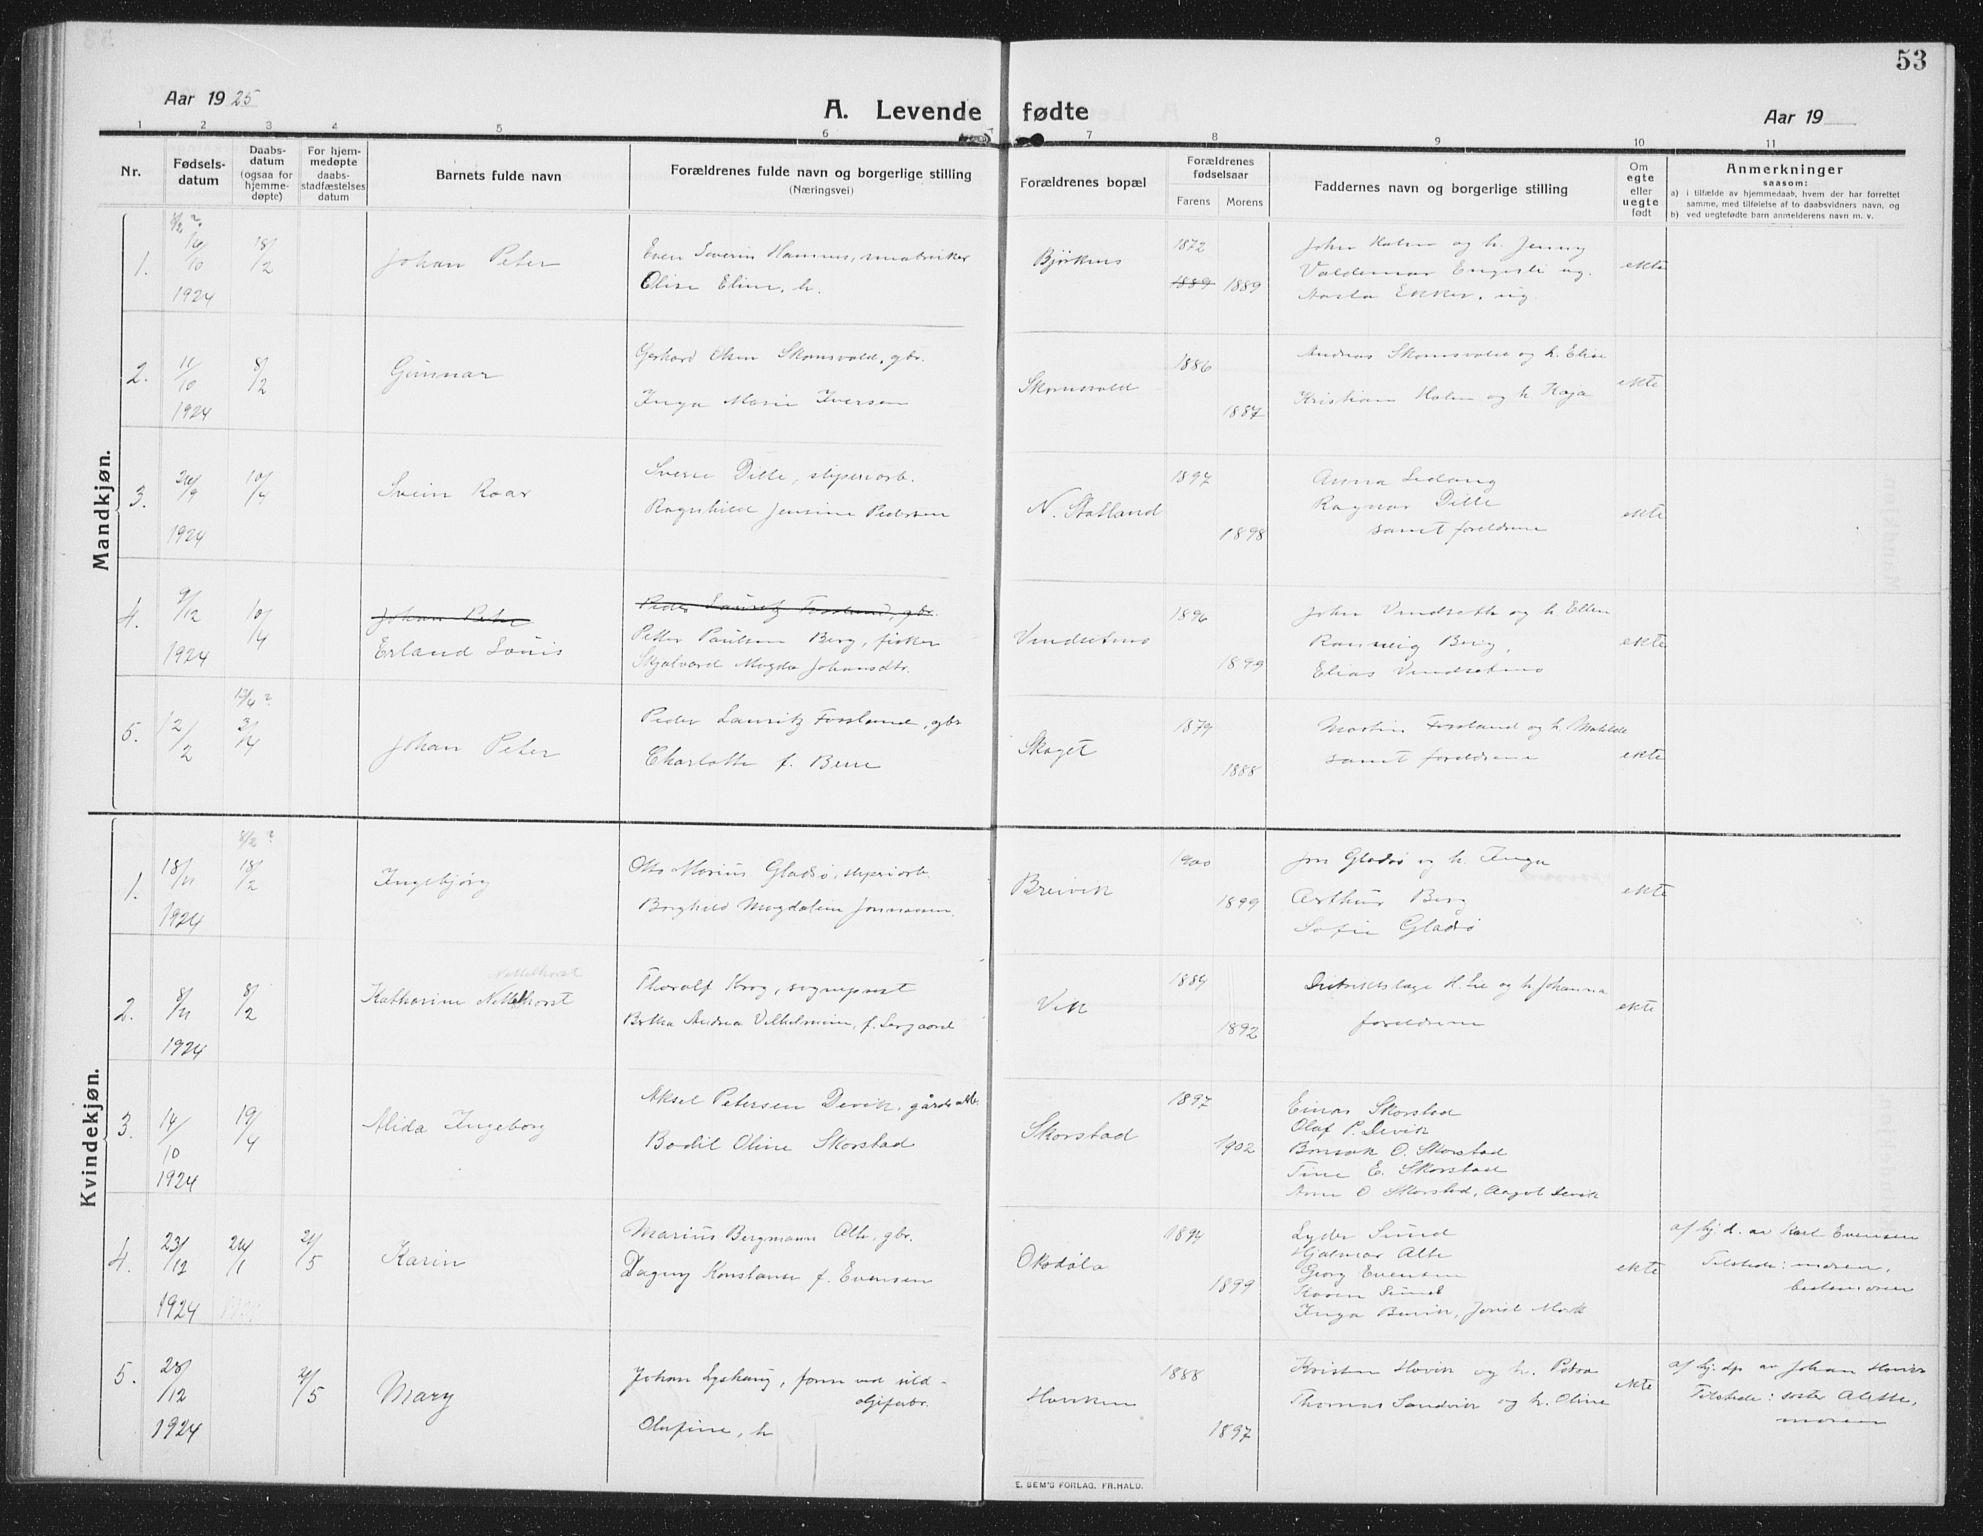 SAT, Ministerialprotokoller, klokkerbøker og fødselsregistre - Nord-Trøndelag, 774/L0630: Klokkerbok nr. 774C01, 1910-1934, s. 53